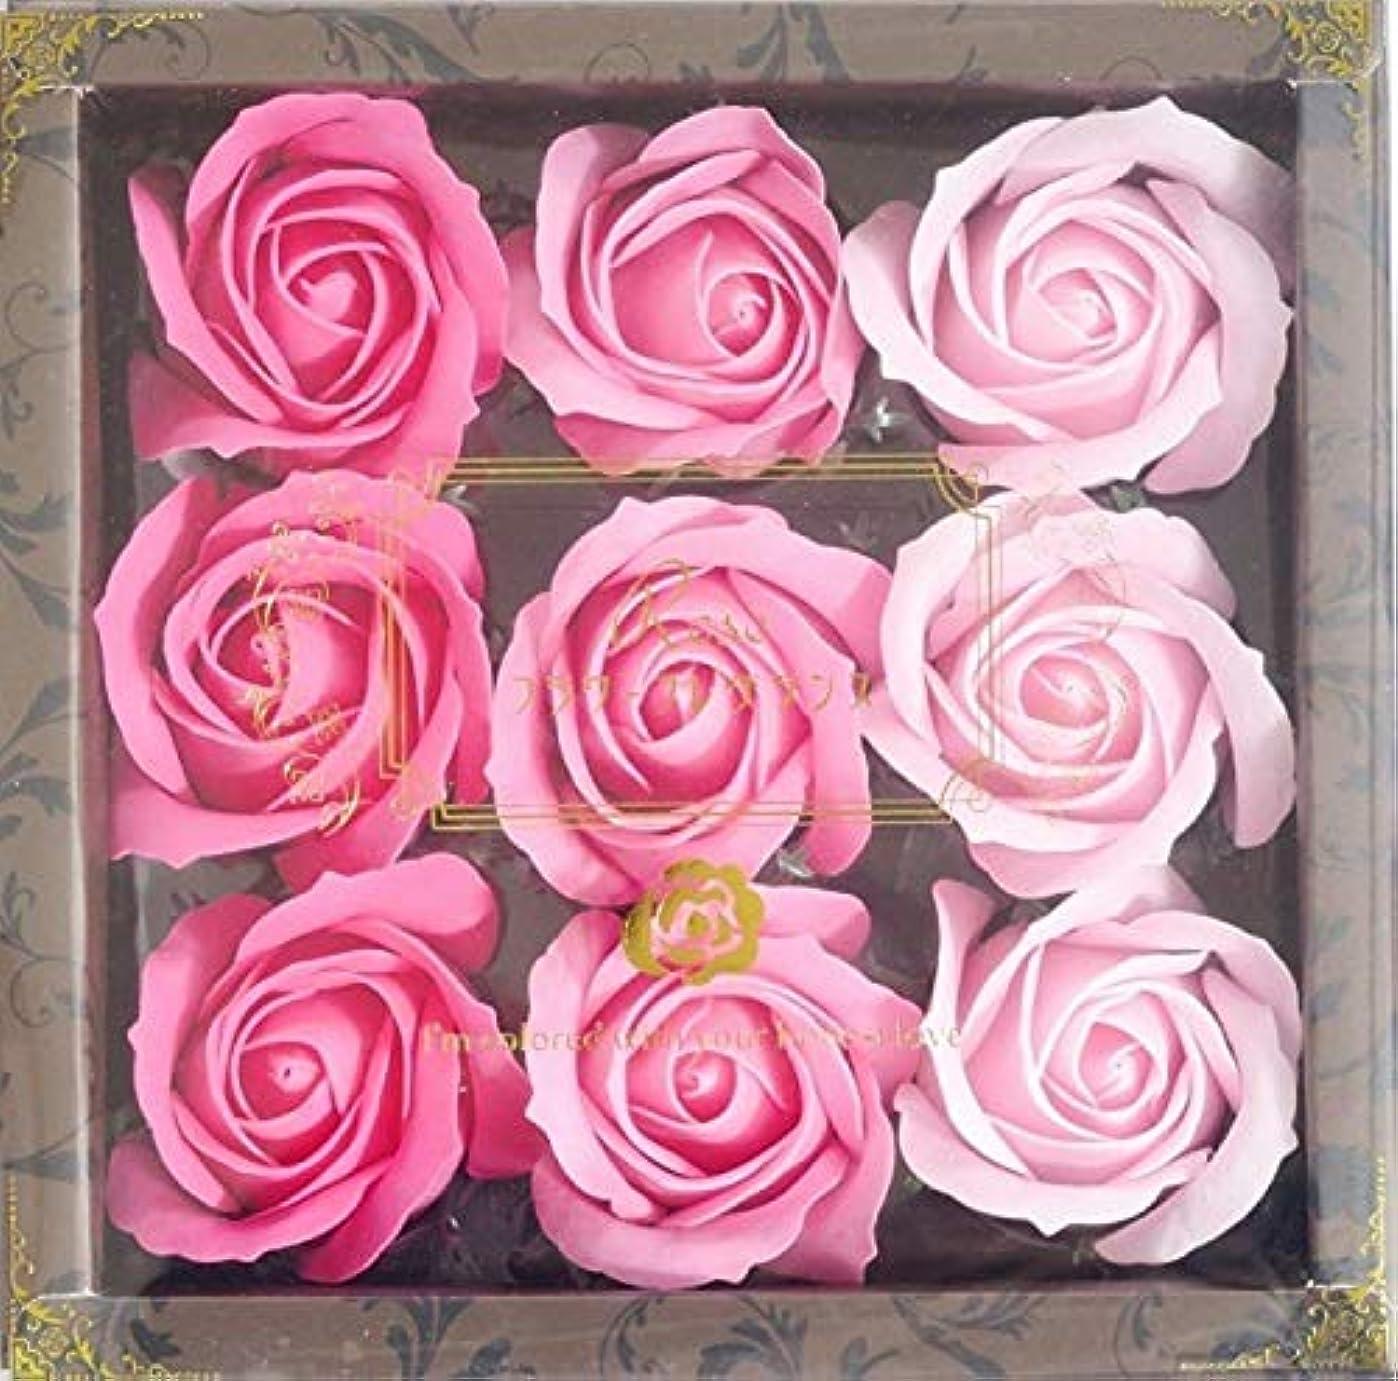 ばかげているもし葡萄バスフレグランス バスフラワー ローズフレグランス ピンクカラー お花の形の入浴剤 プレゼント ばら ギフト